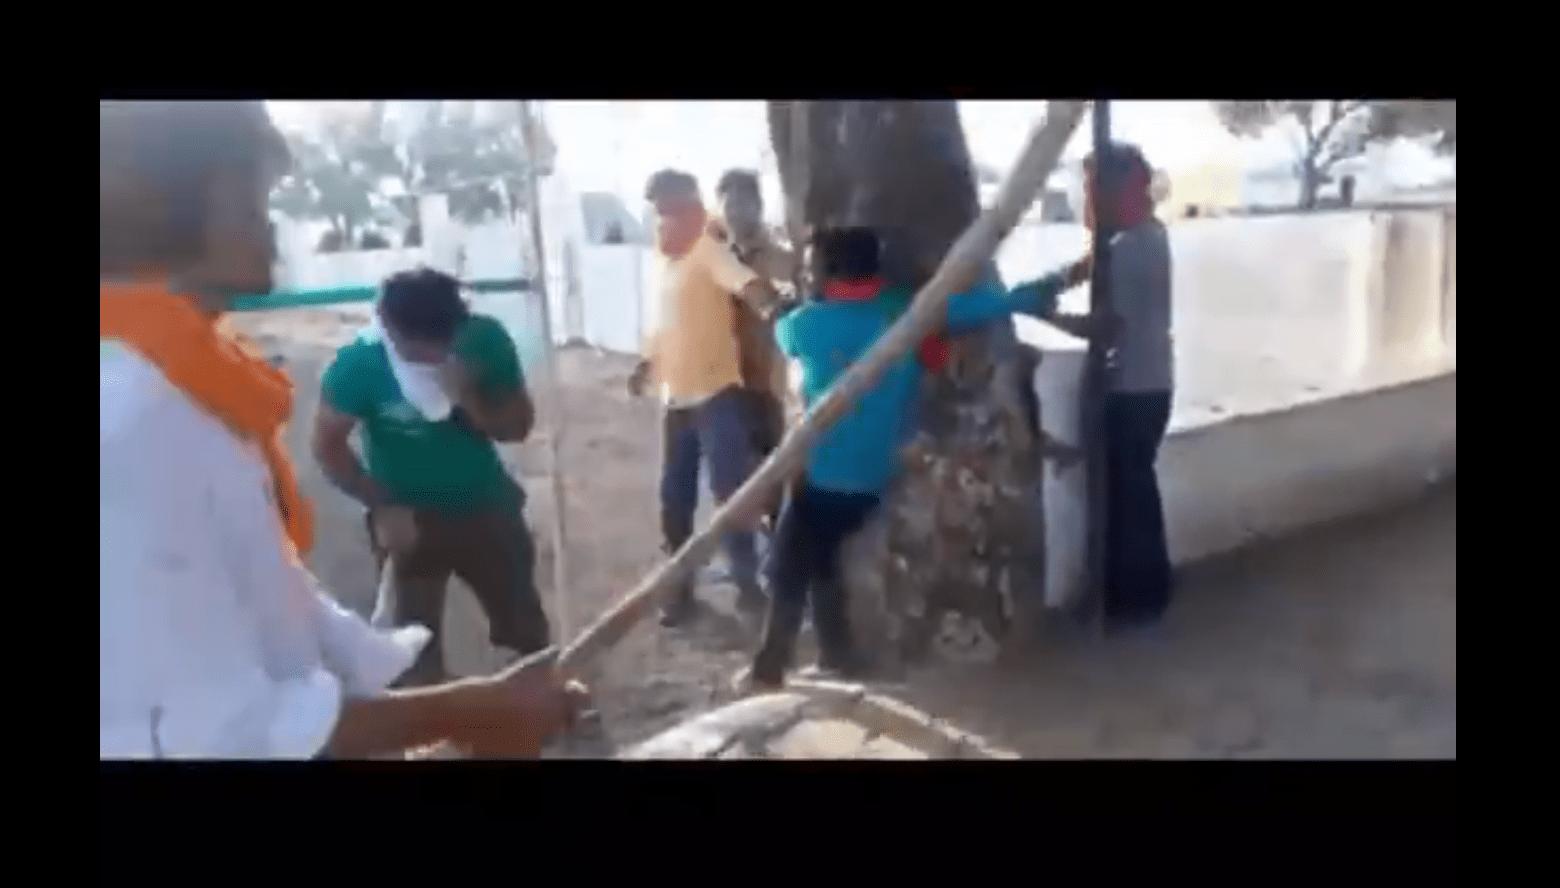 مدھیہ پردیش کے سیونی میں درخت سے باندھکر جوان کی پٹائی کرتے گئورکشک (فوٹو: ویڈیو اسکرین شاٹ)